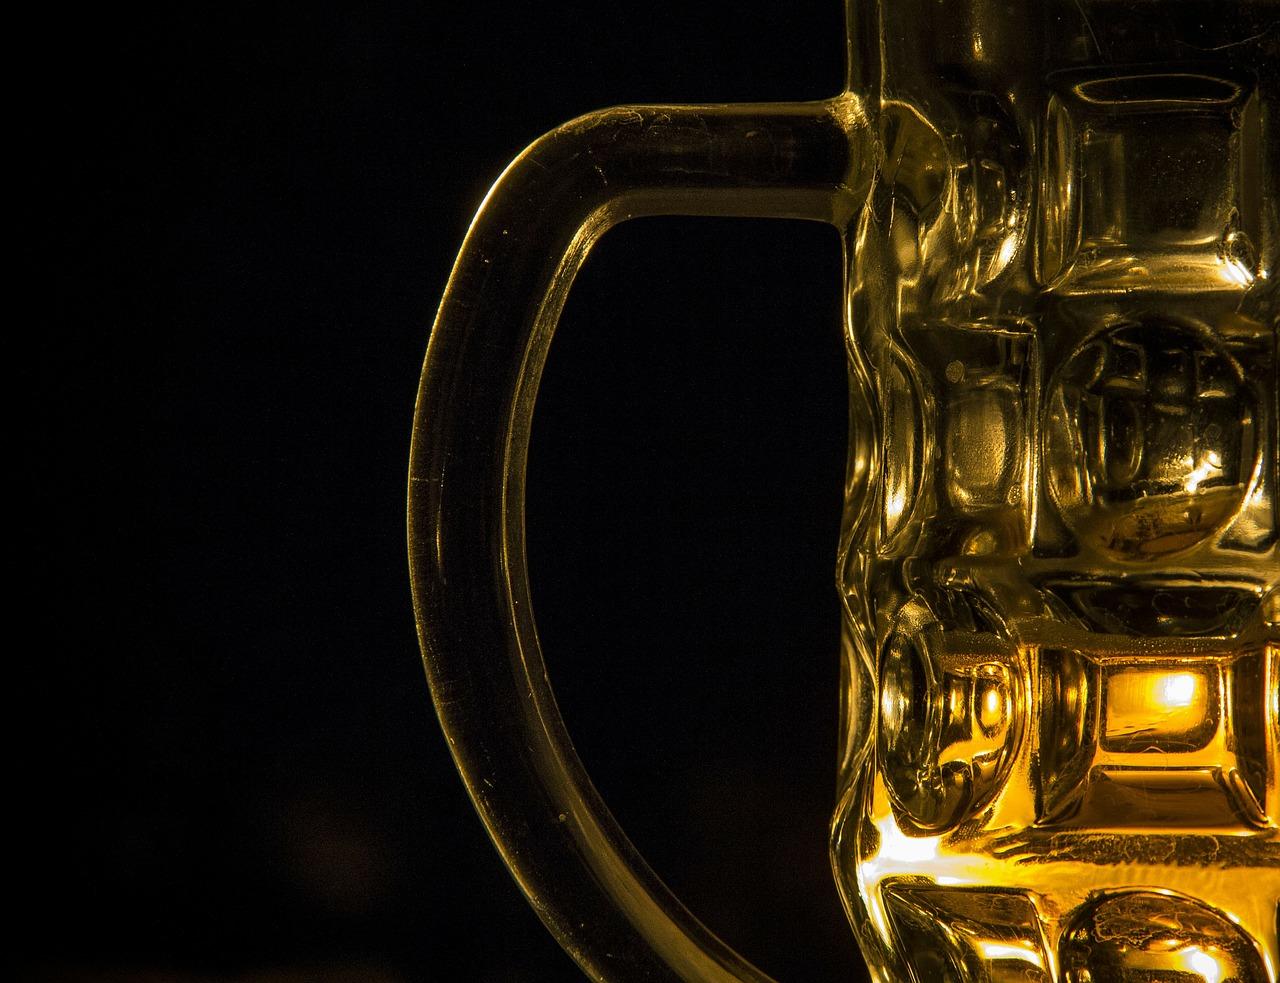 Lokalne i domowe wyroby alkoholowe – Piwo Wino Alkohol Nalewki Przepisy. Dobre lokalne piwo w Krakowie